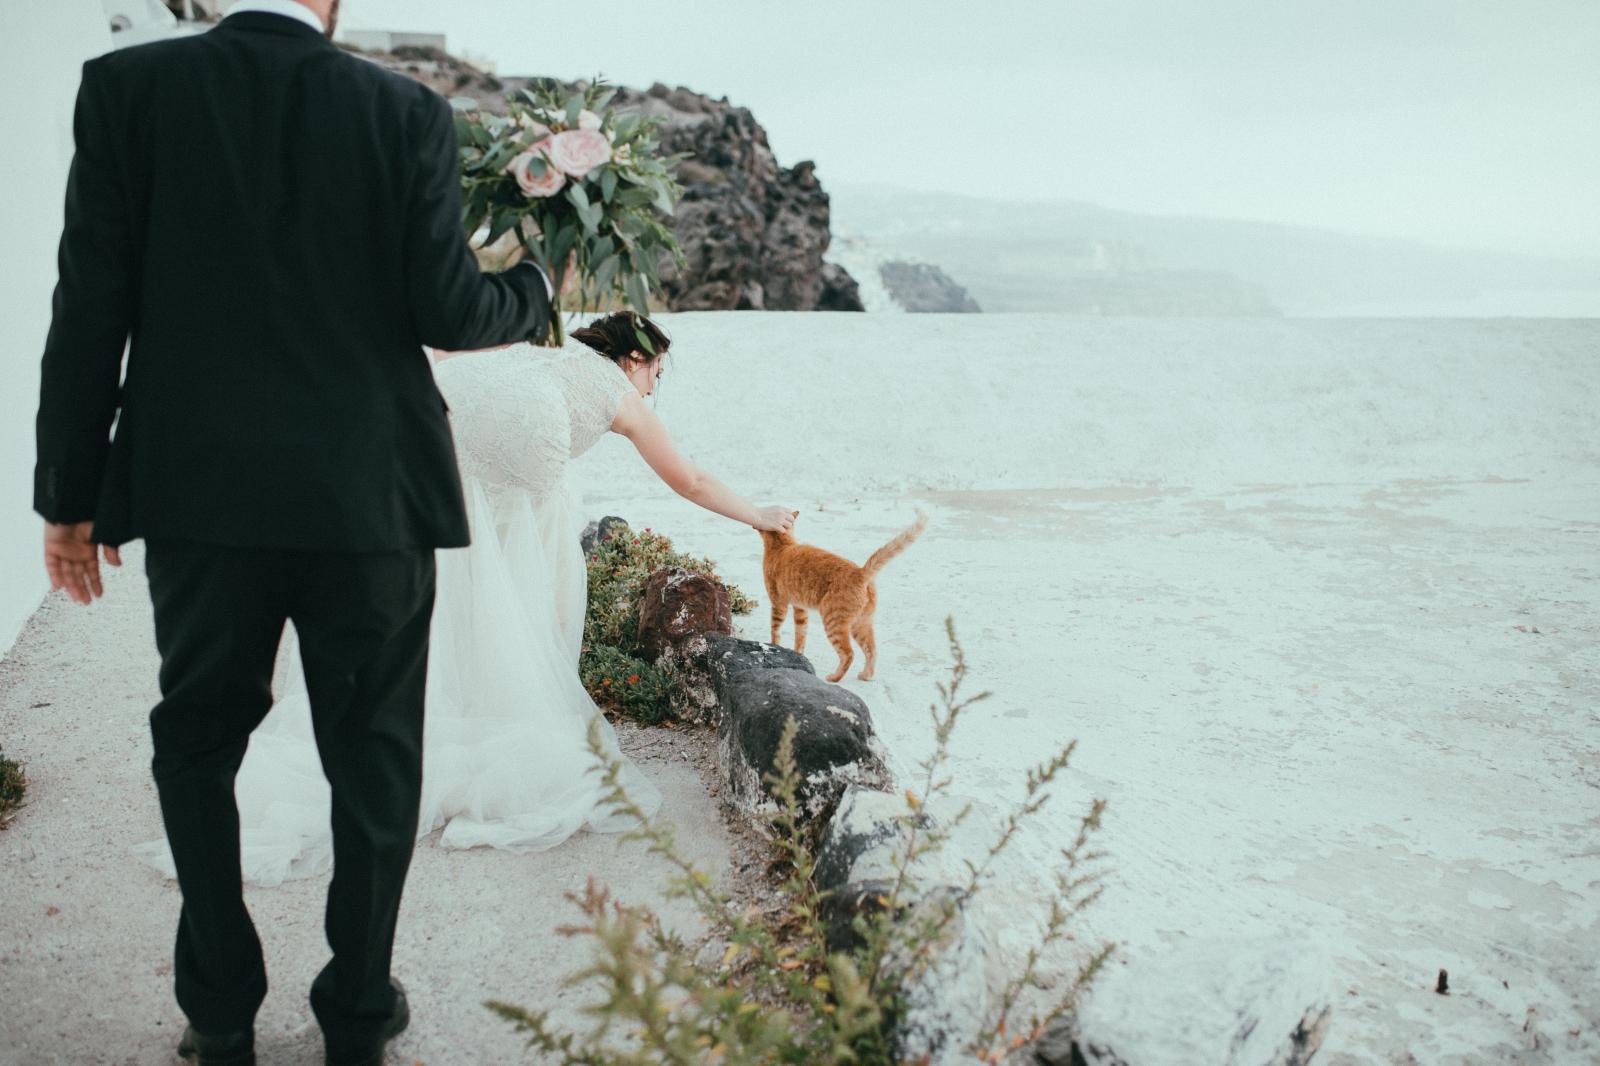 santorini-wedding-photographer43.jpg